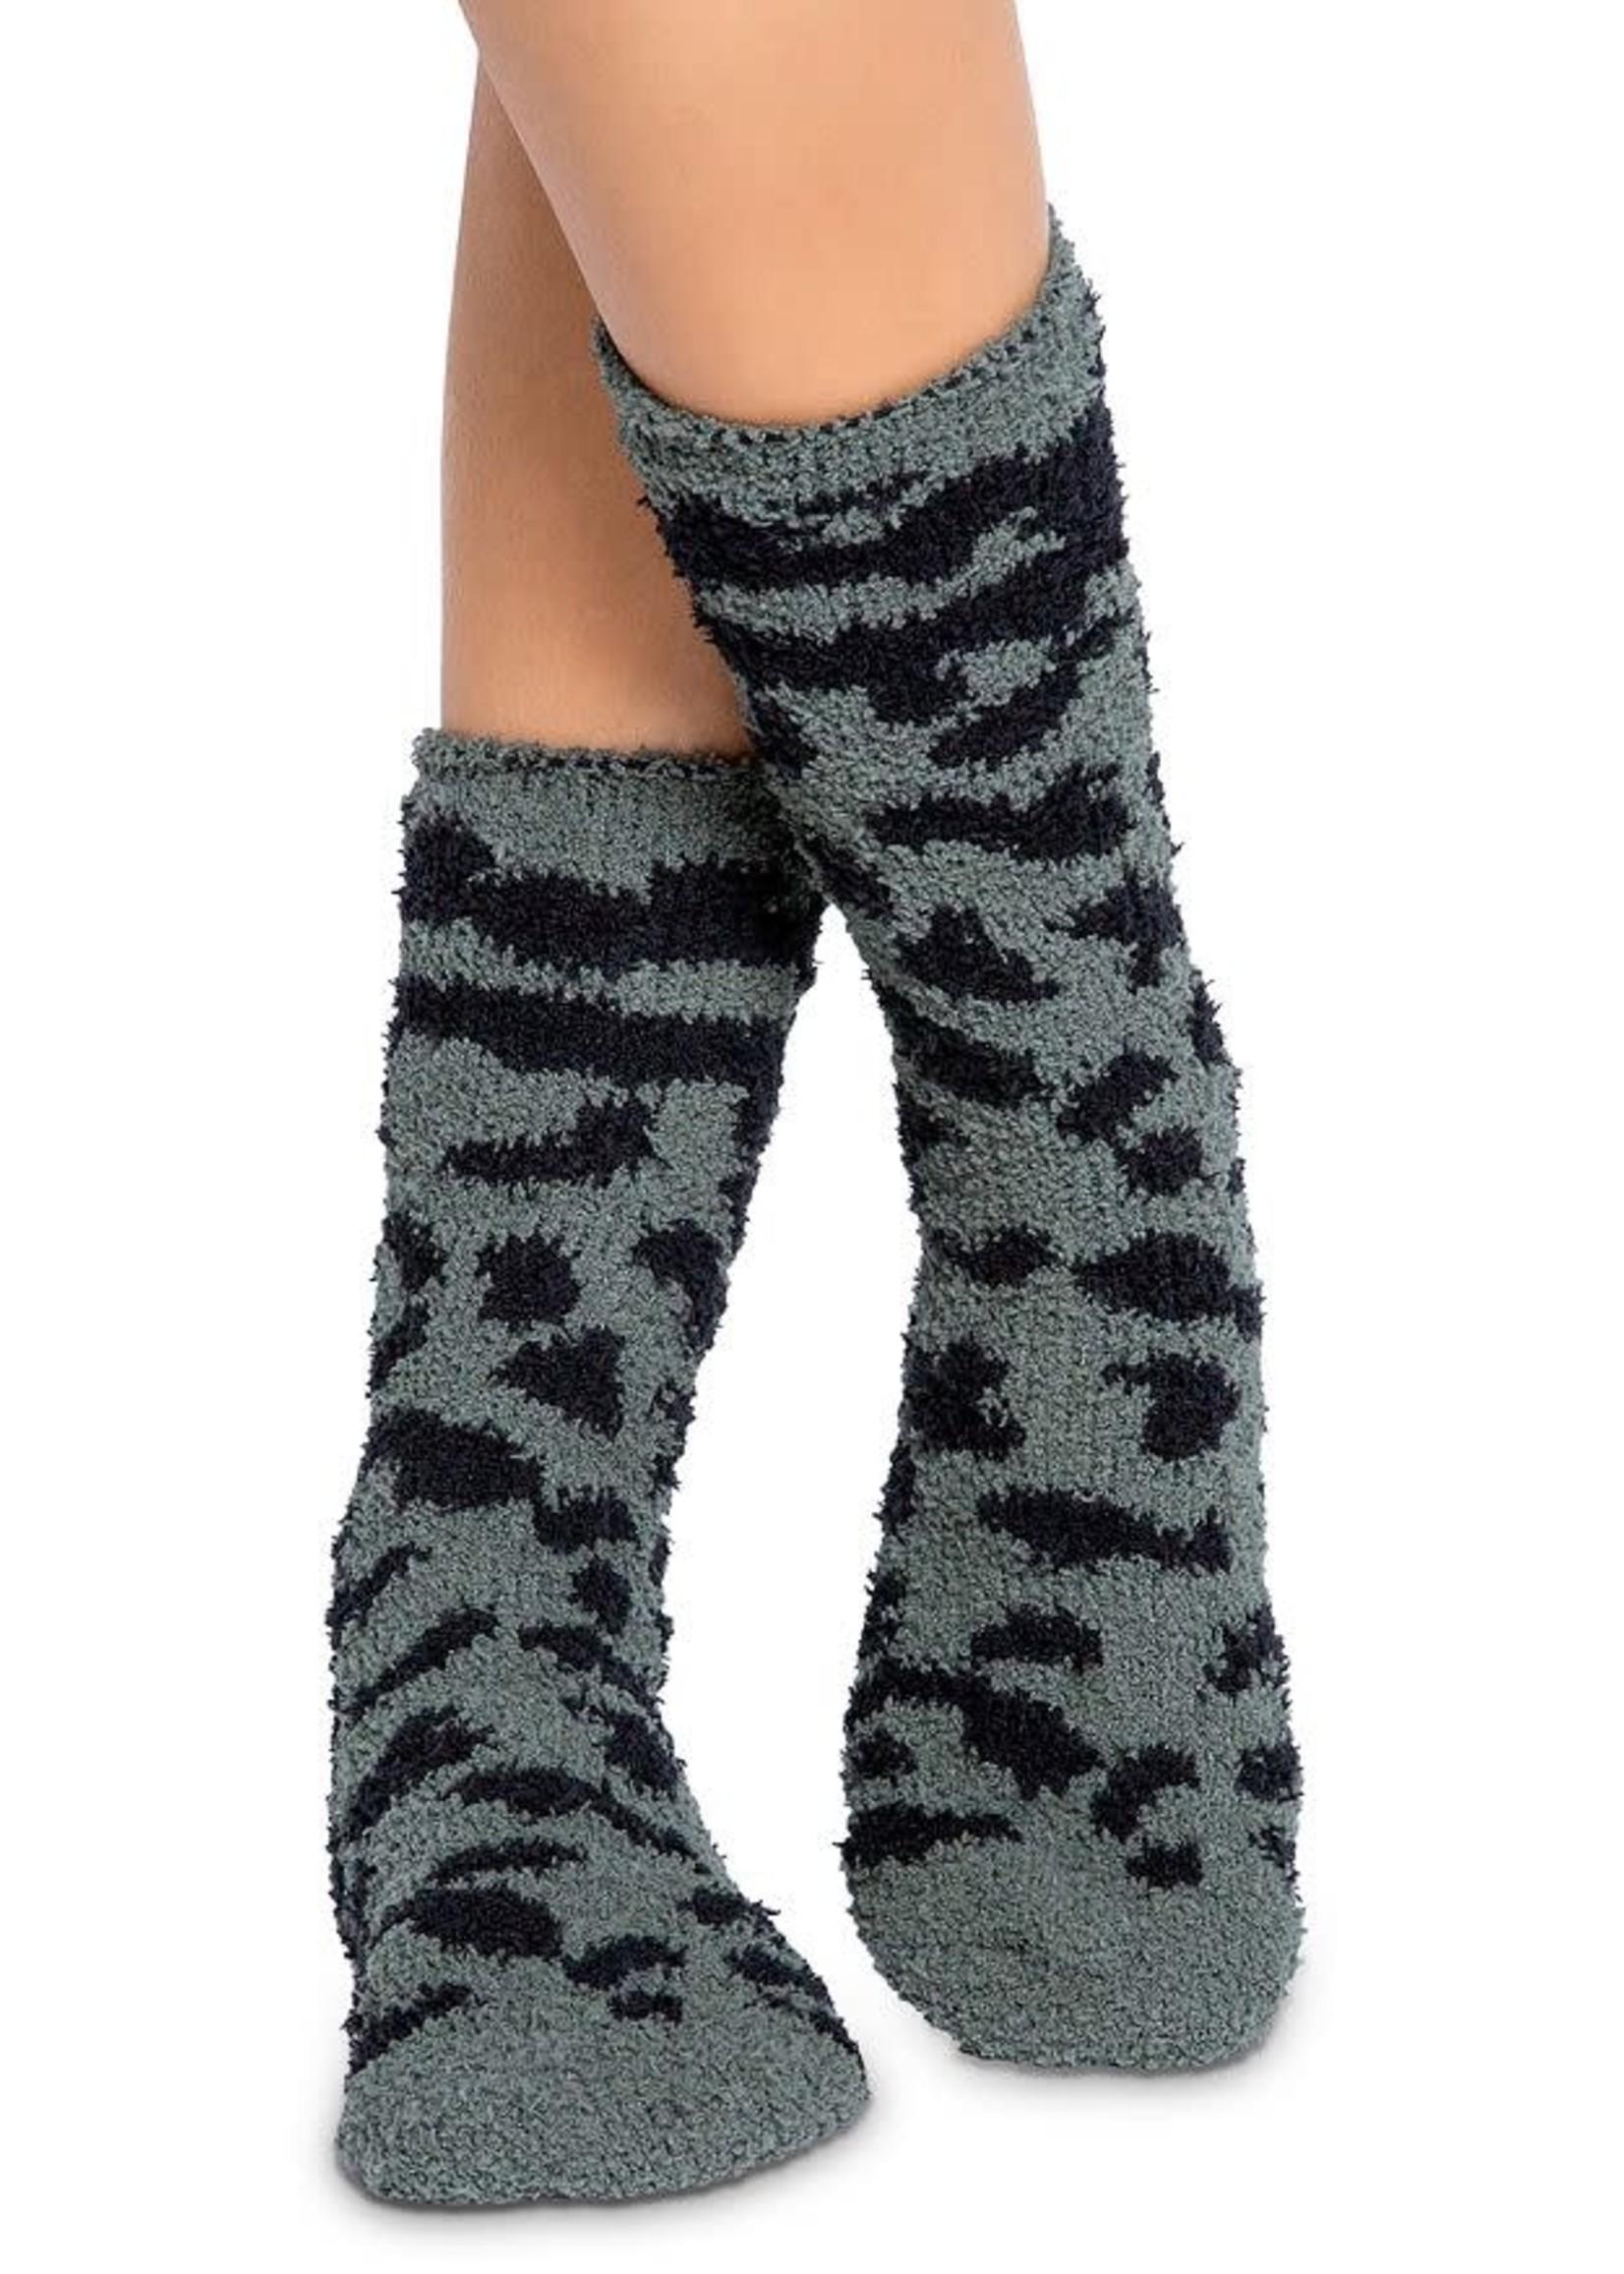 pj salvage Fun Socks Olive Leopard